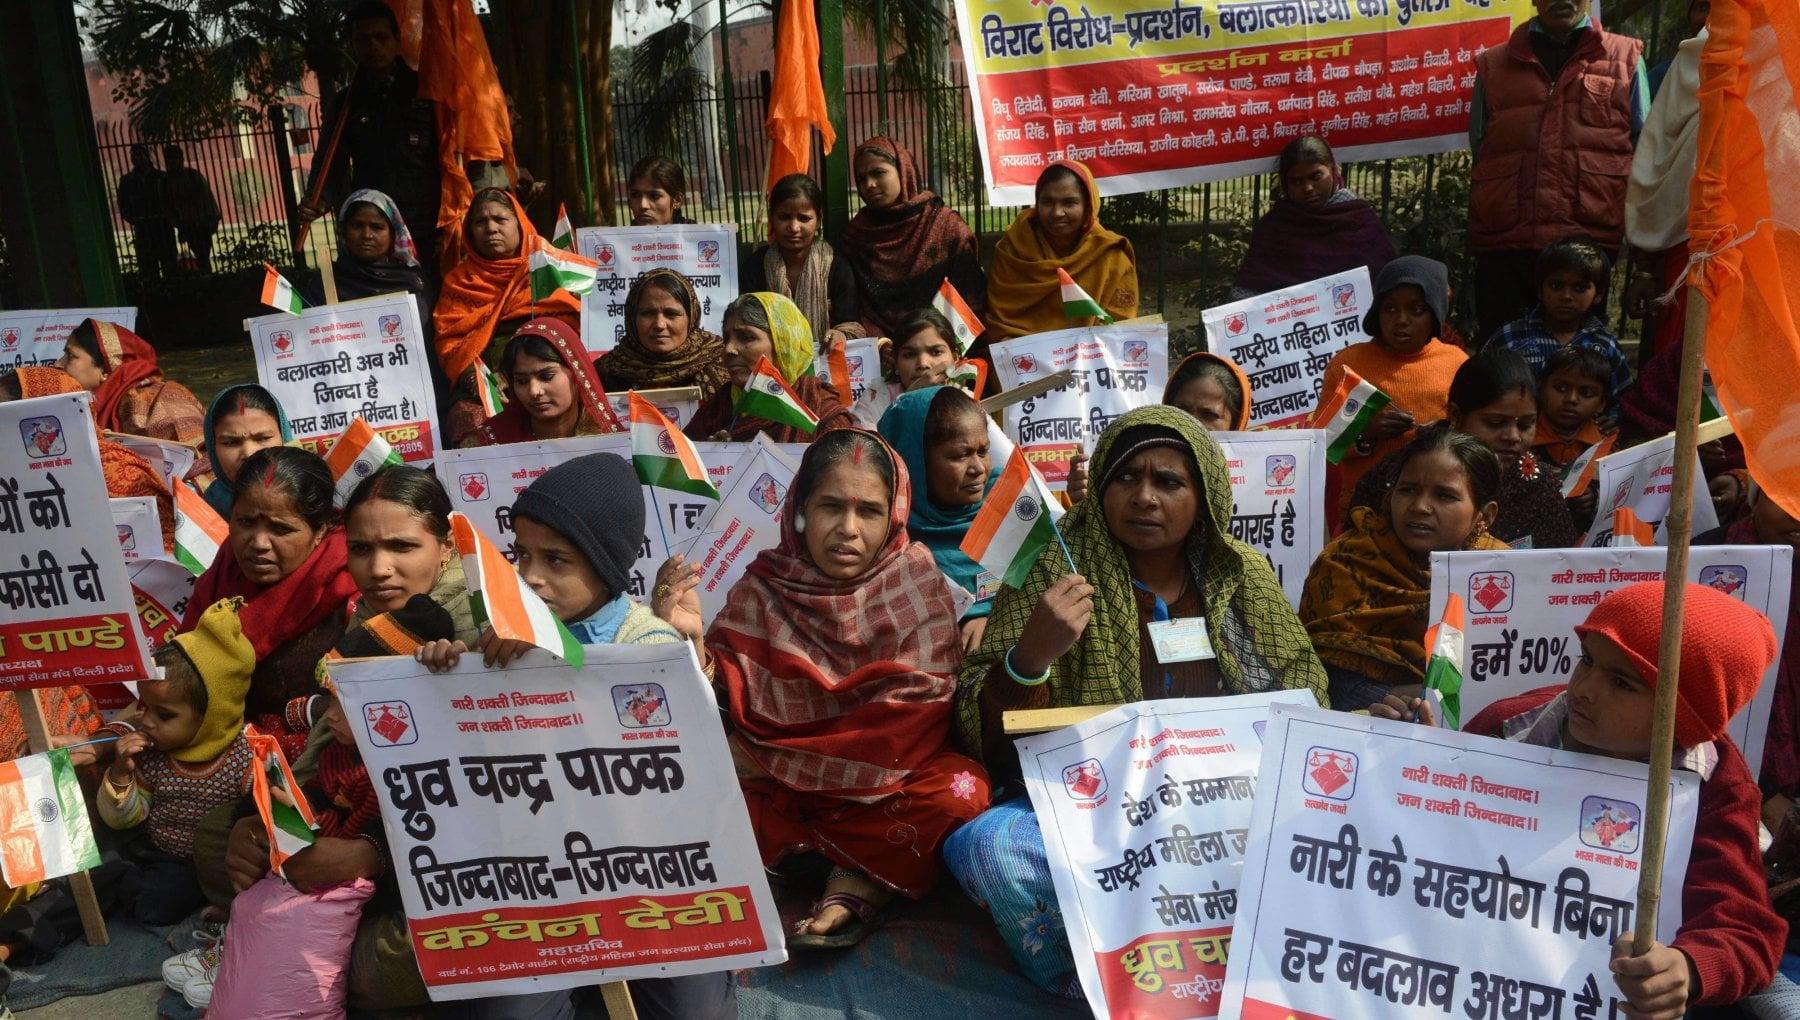 150916117 f7f0d29b 3f22 4c5d 882b a79dce55c62d - Si può morire anche per dei jeans. Ecco perché l'India non è un paese per donne